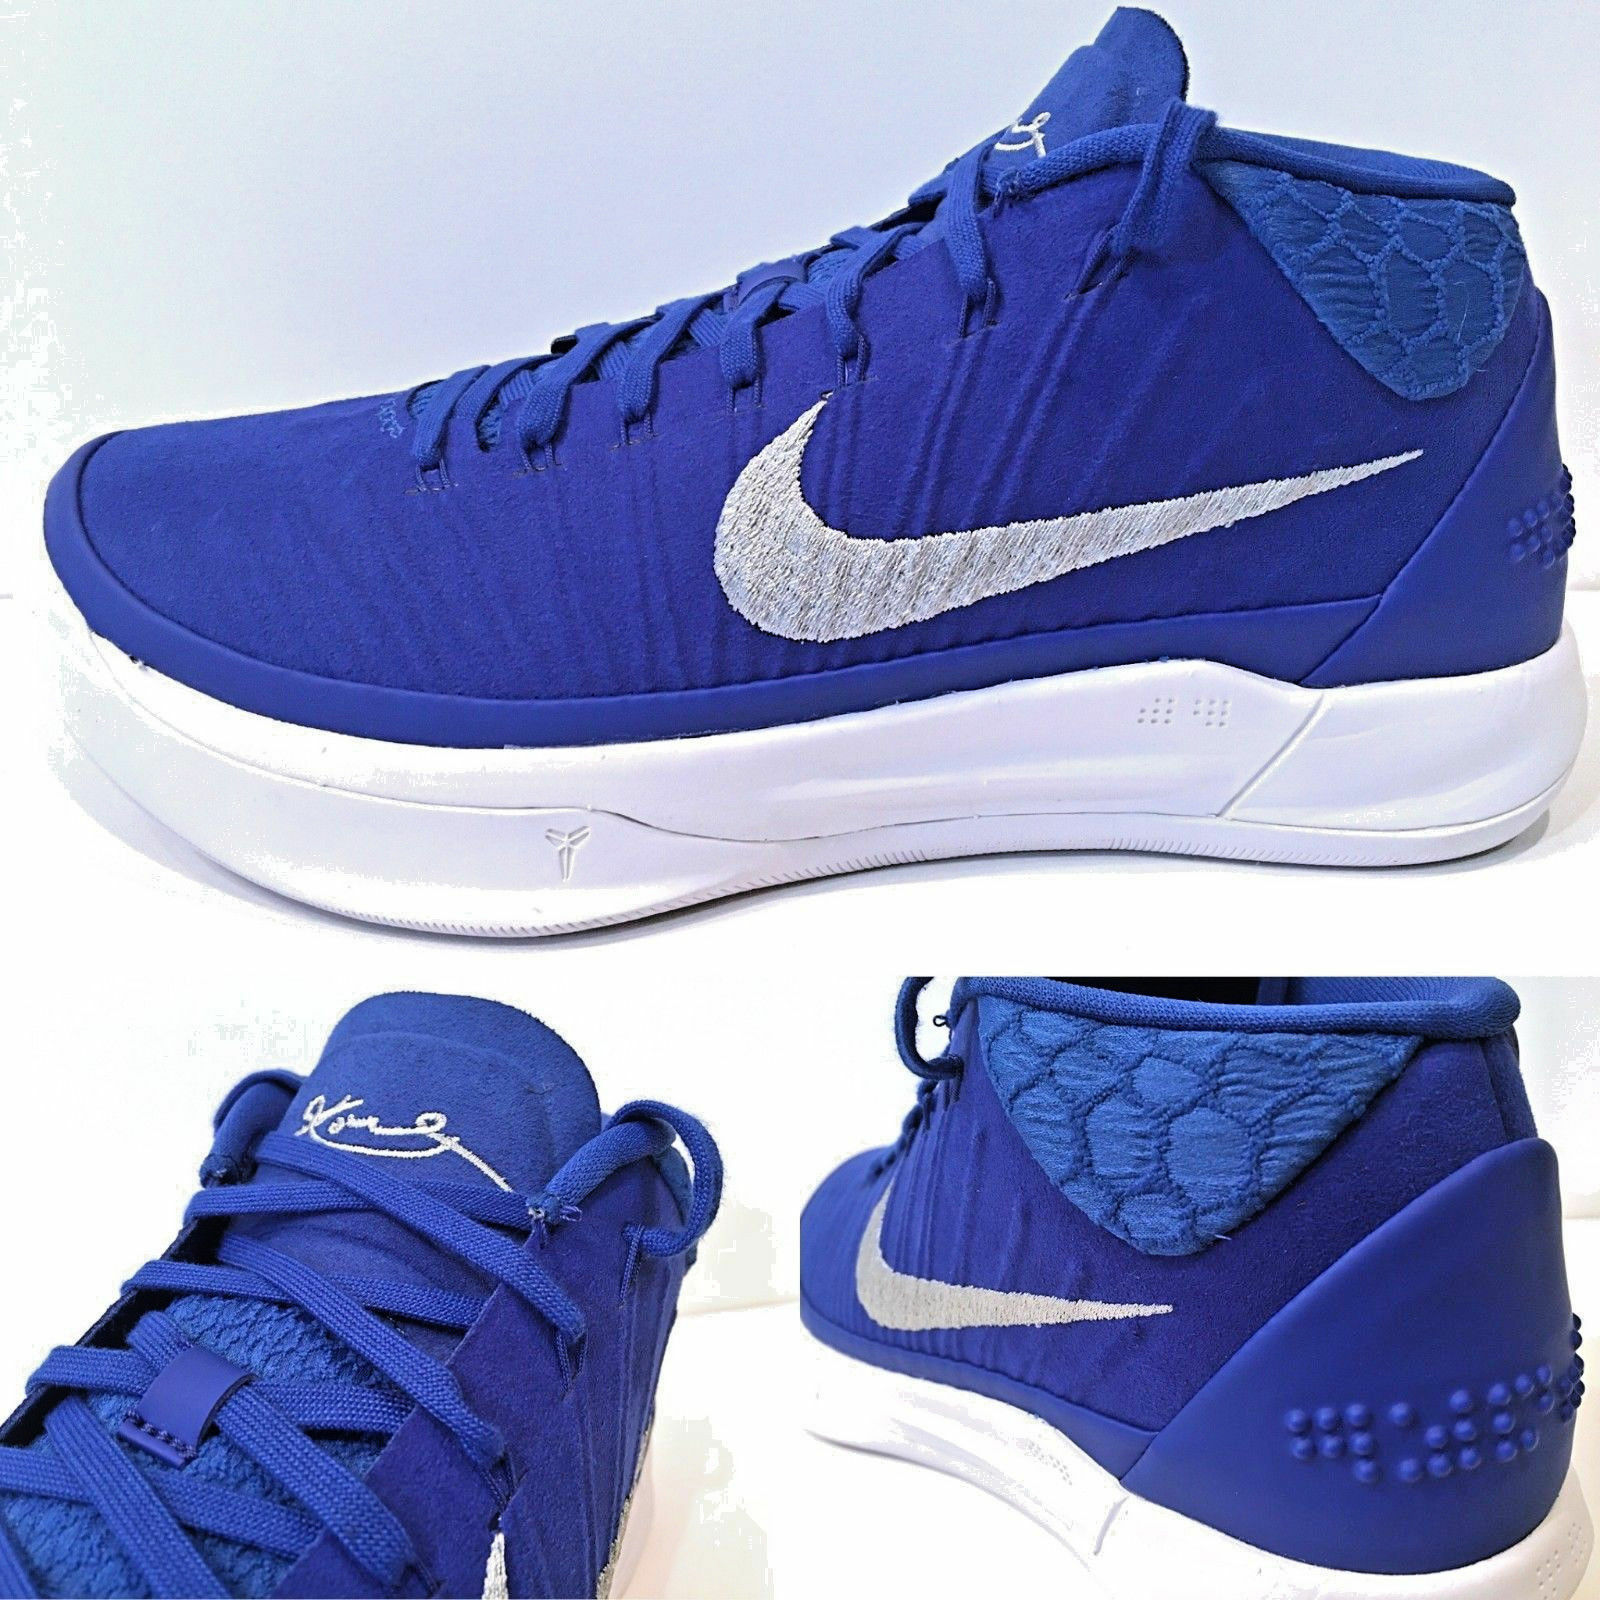 fc4a065c6219 Nike Kobe A.D. TB Game Royal White White White Basketball Shoes 942521-400  USA Men s